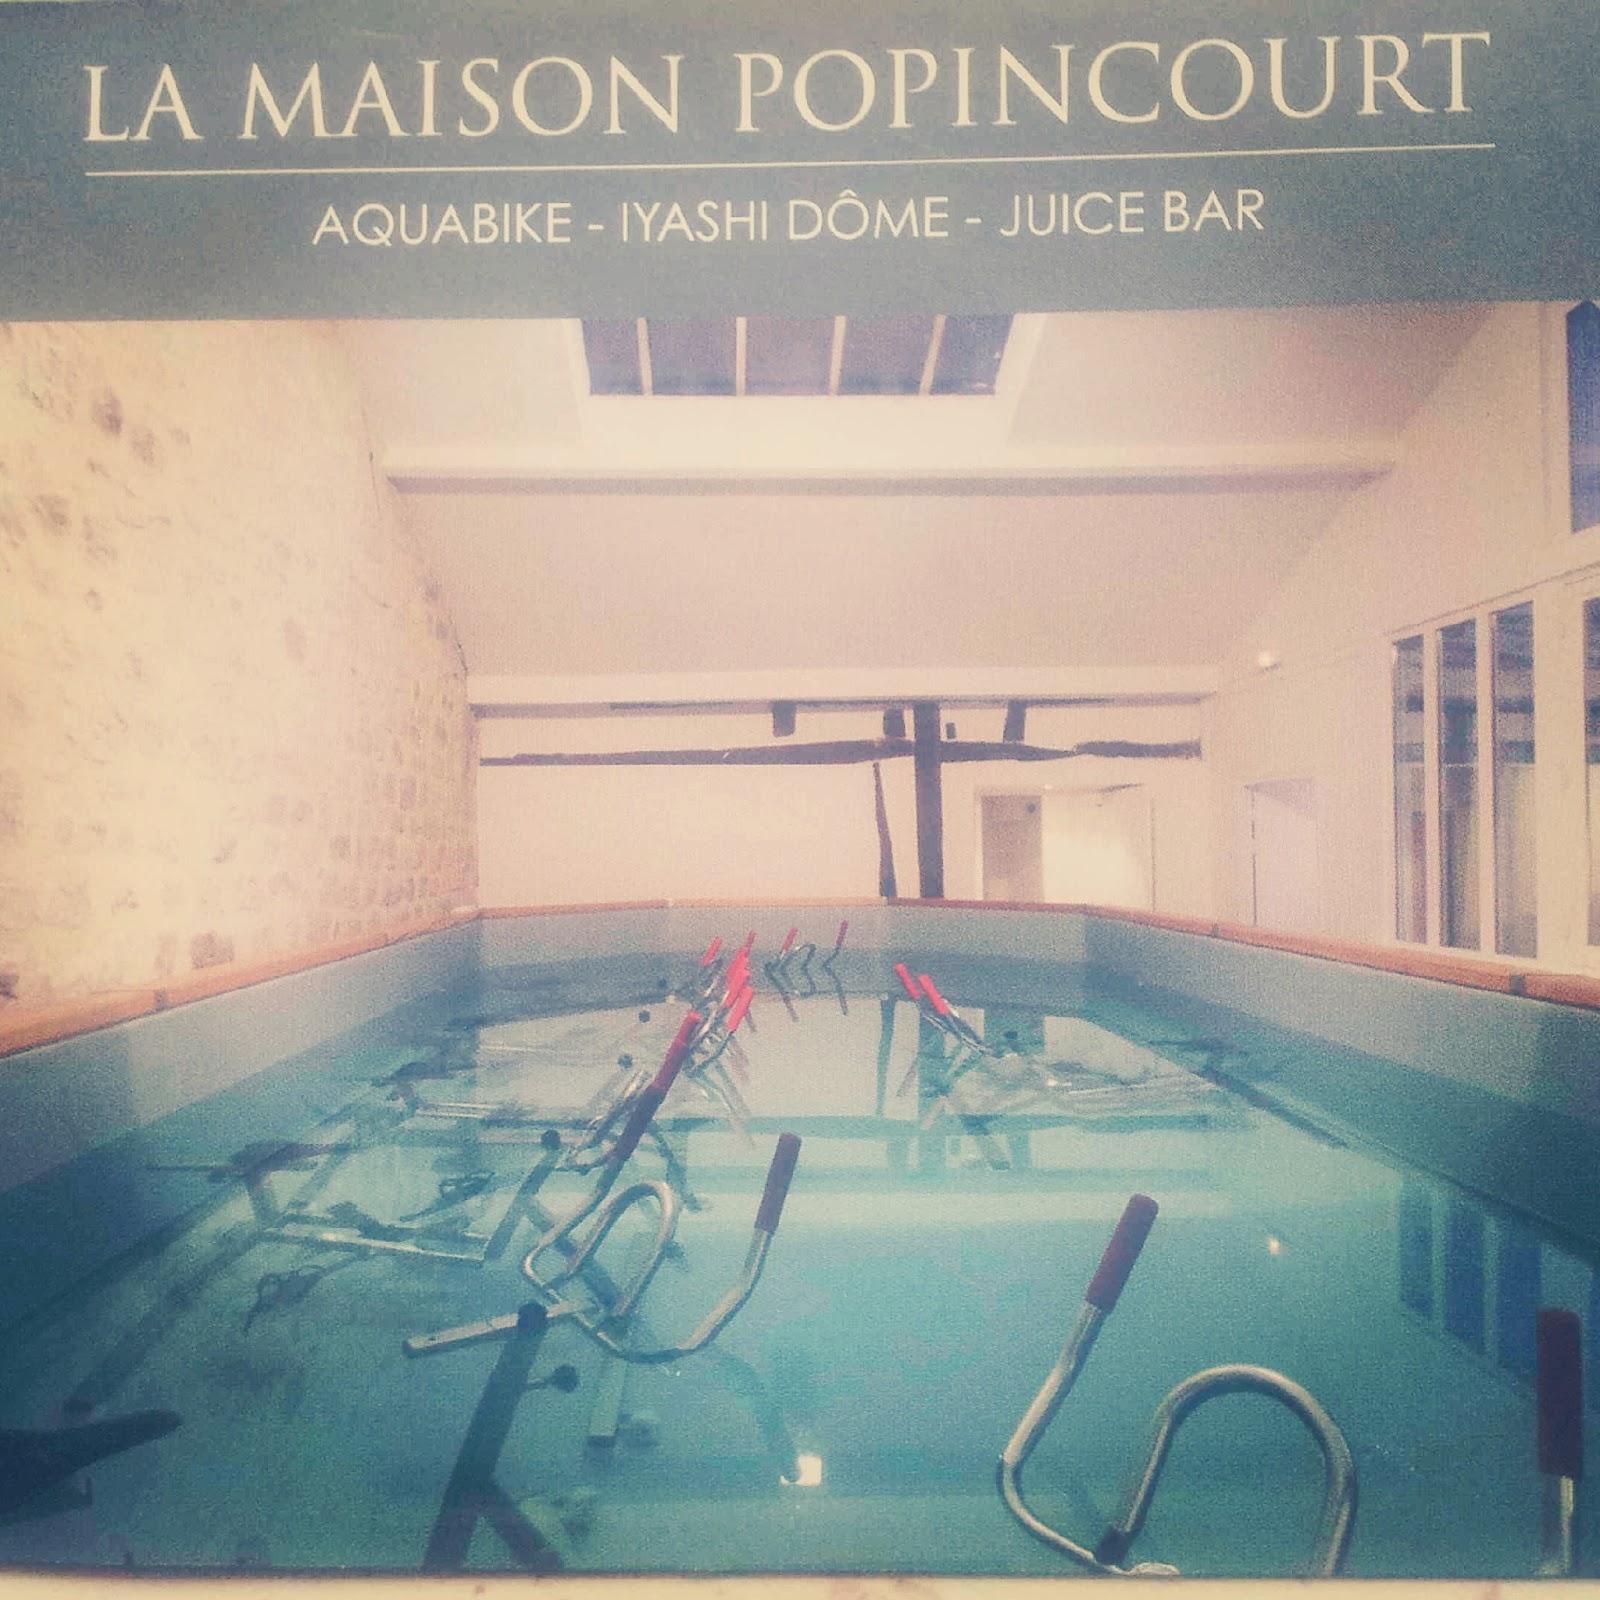 Maison Popincourt une québécoise in paris: la maison popincourt